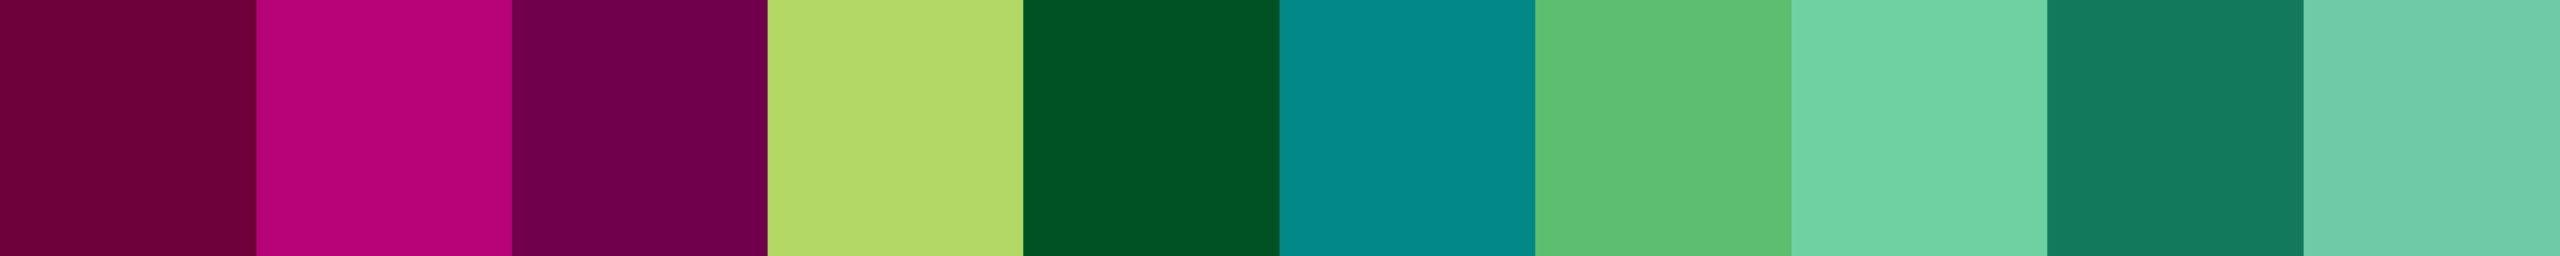 63 Tremana Color Palette